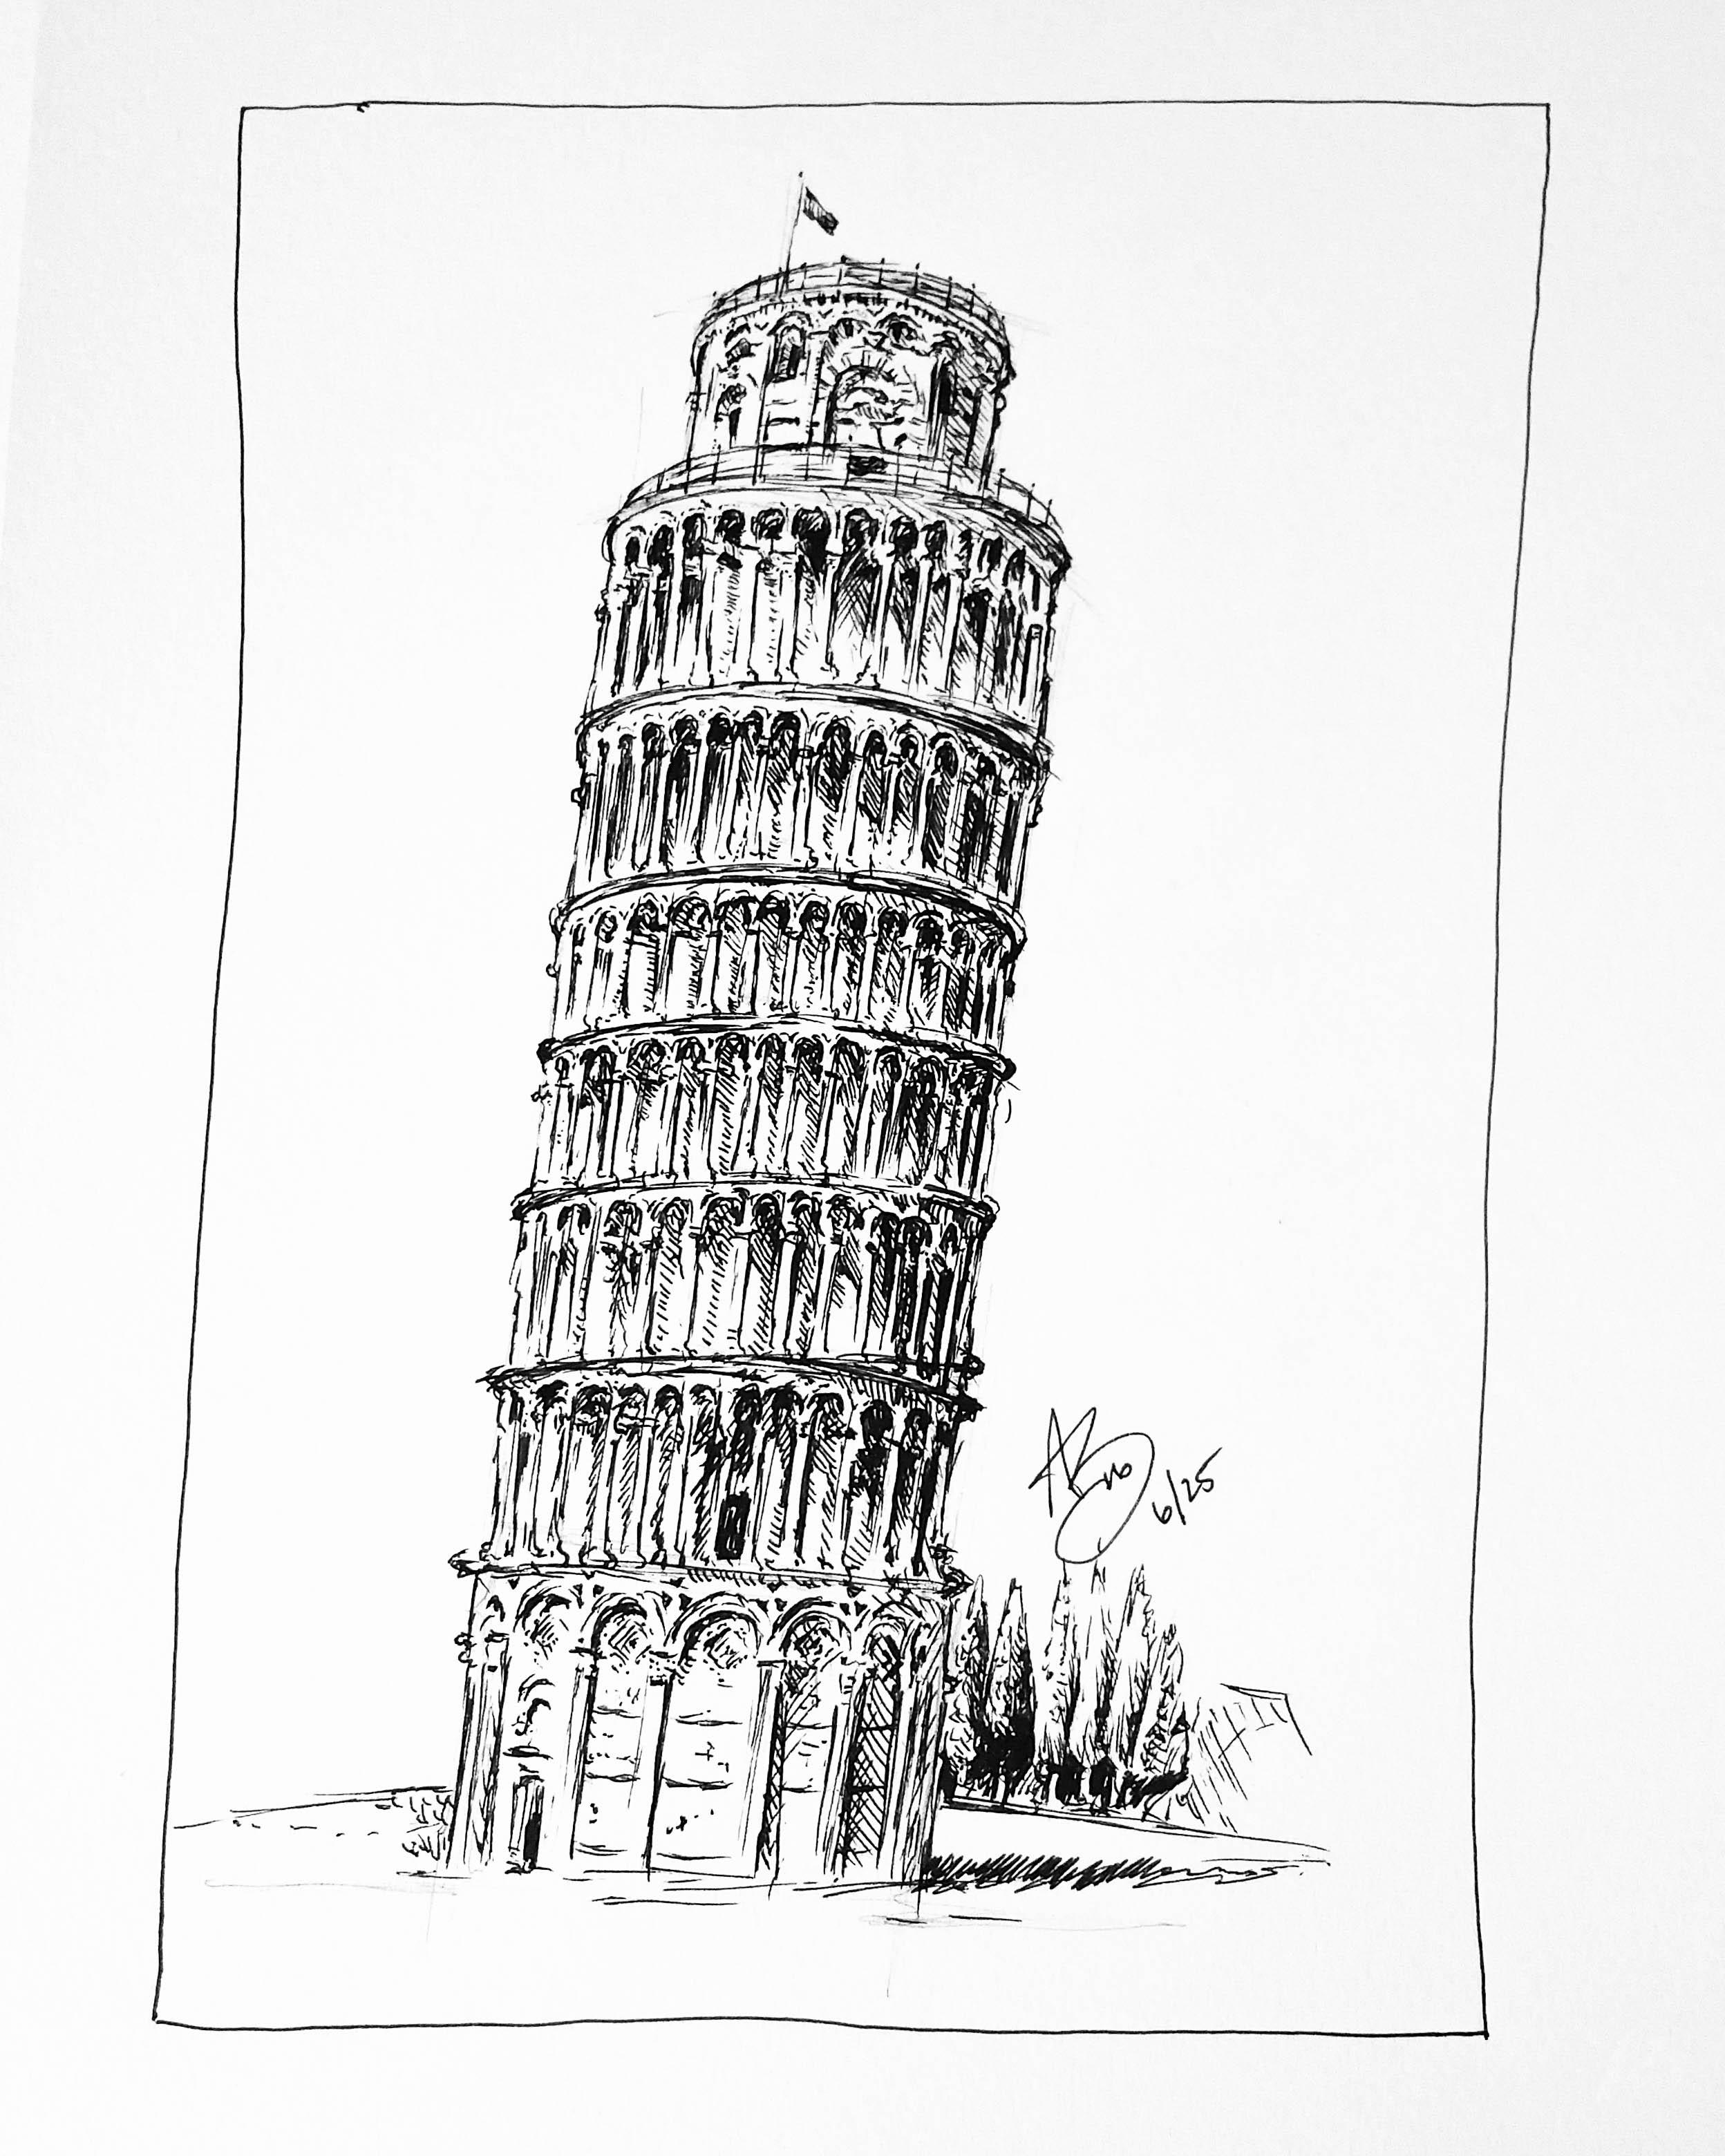 TowerofPisa.jpg